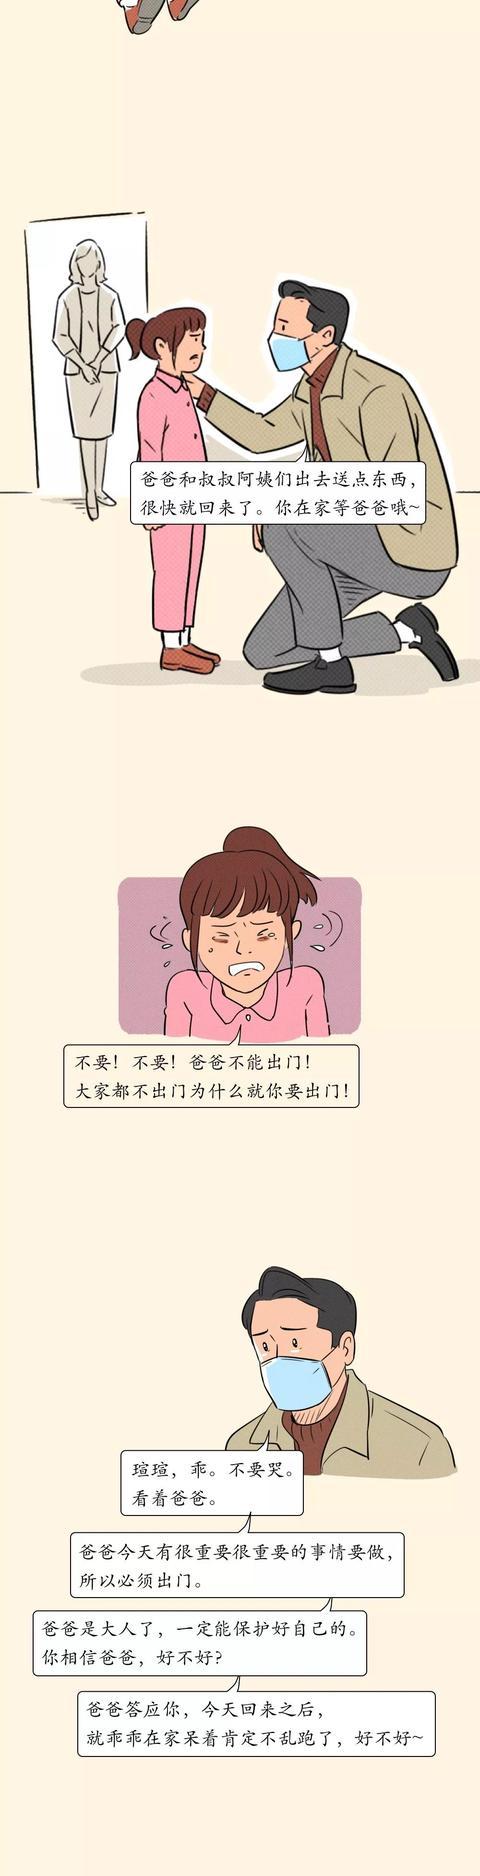 一个武汉爸爸发给女儿的微信